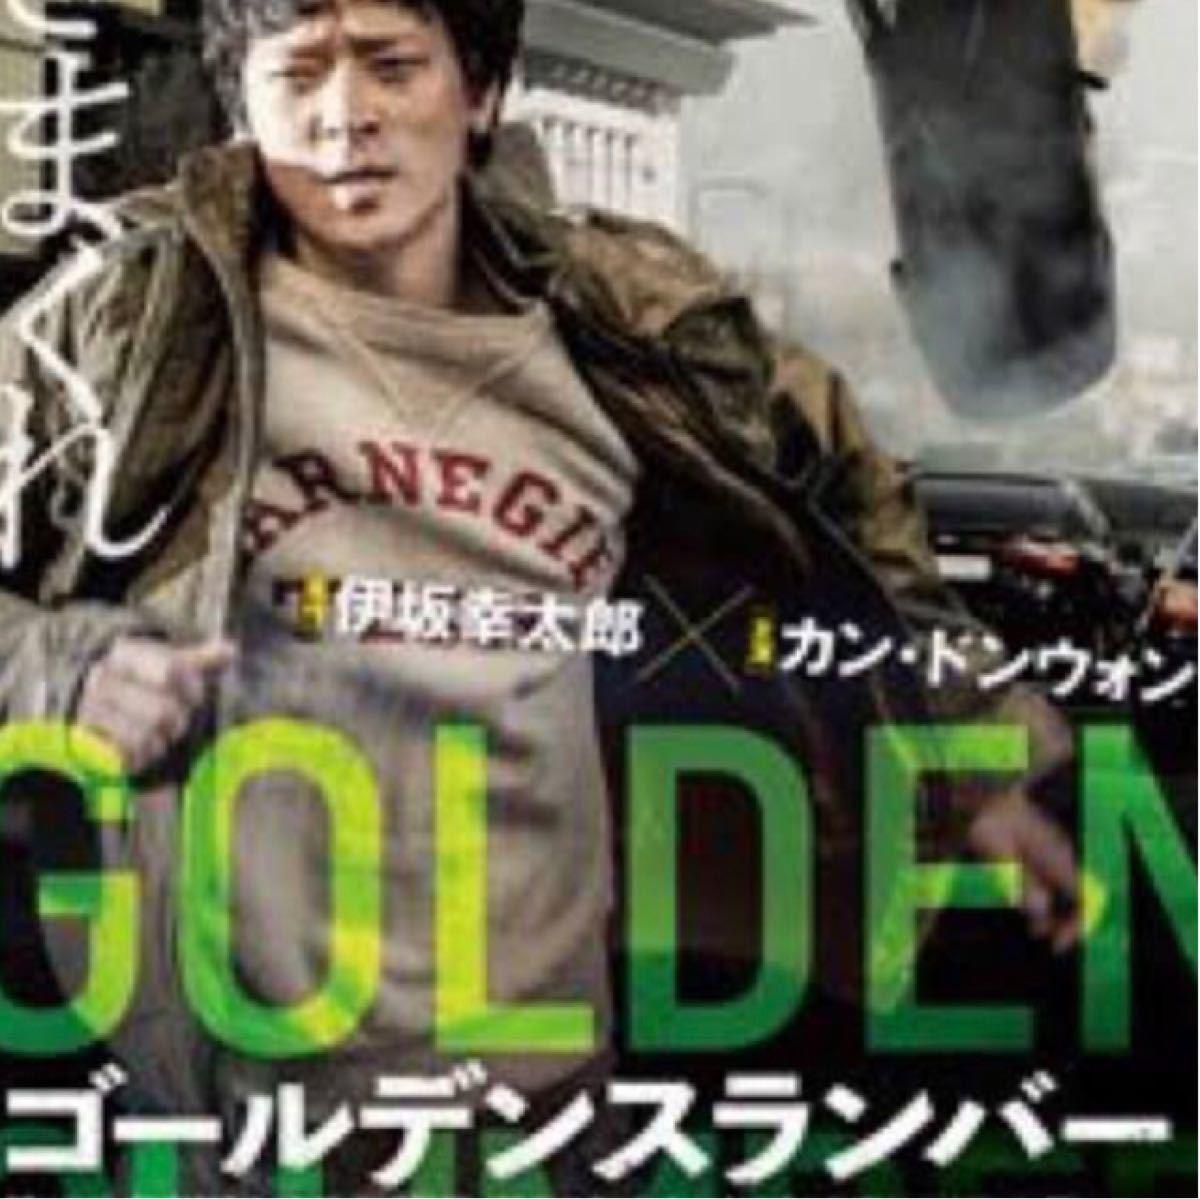 韓国映画  ゴールデンスランバー  カン・ドンウォン  DVD  レーベル有り